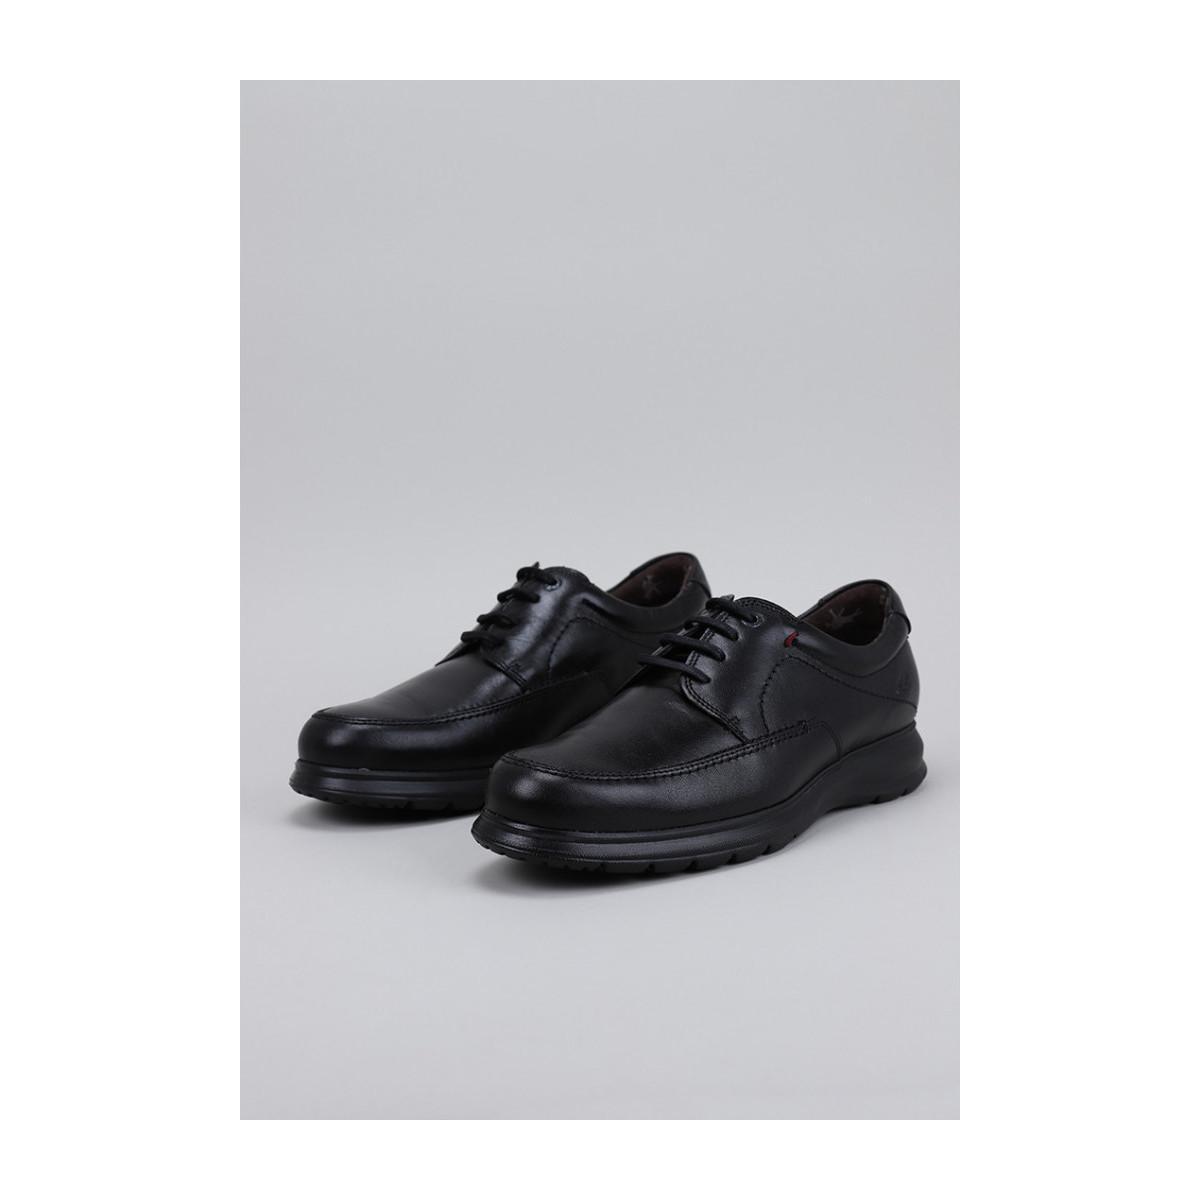 F0602 Chaussures Fluchos pour homme en coloris Noir